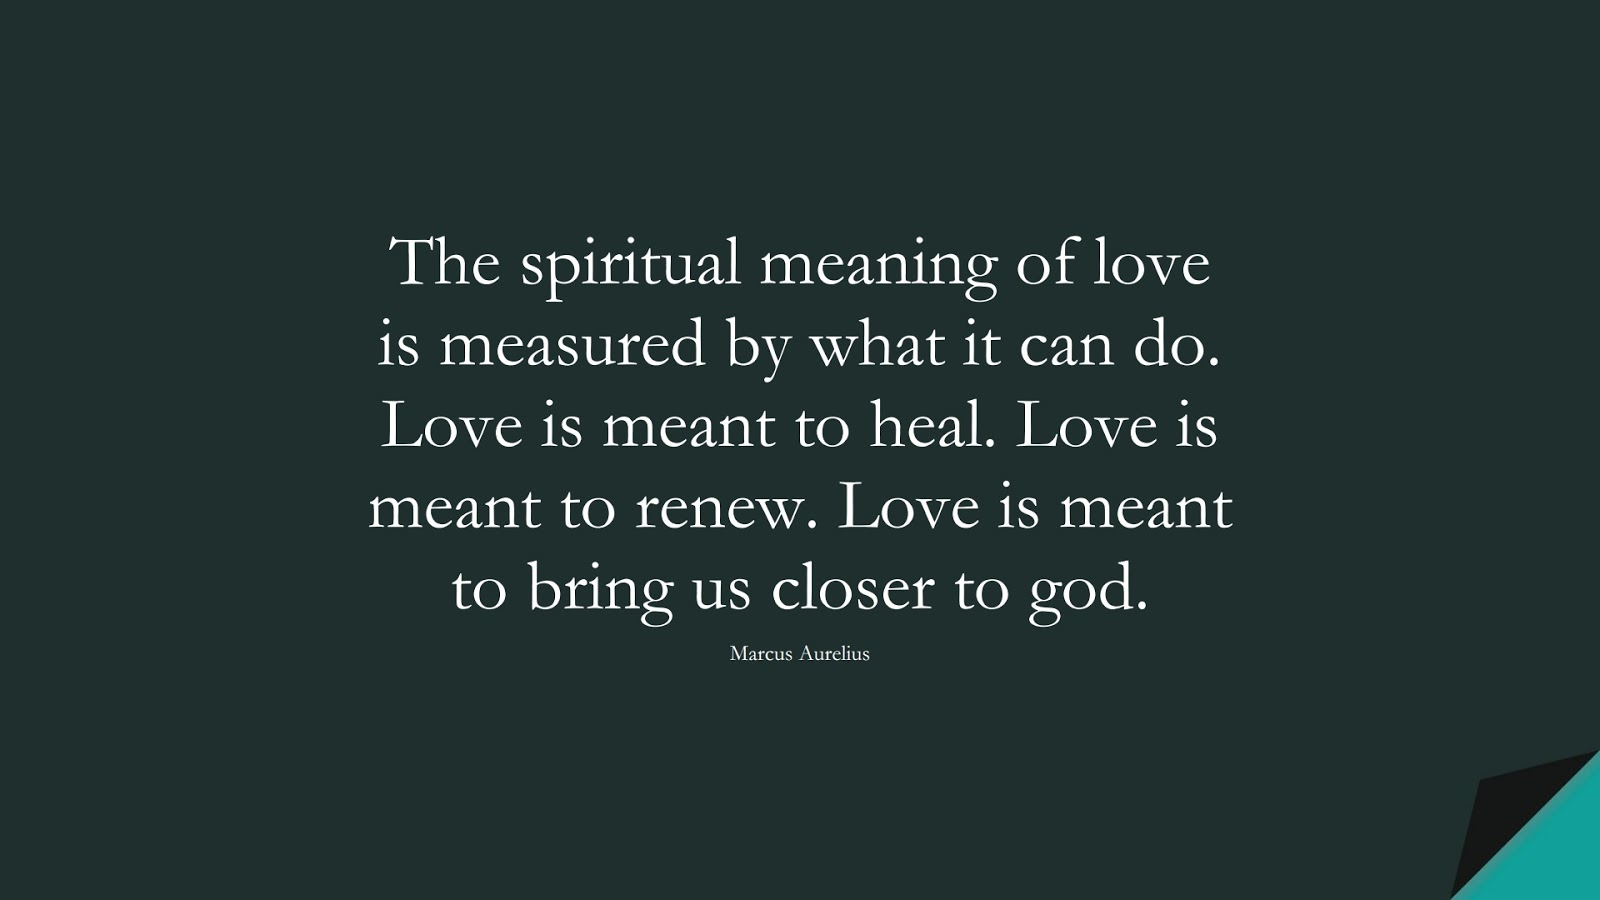 The spiritual meaning of love is measured by what it can do. Love is meant to heal. Love is meant to renew. Love is meant to bring us closer to god. (Marcus Aurelius);  #MarcusAureliusQuotes